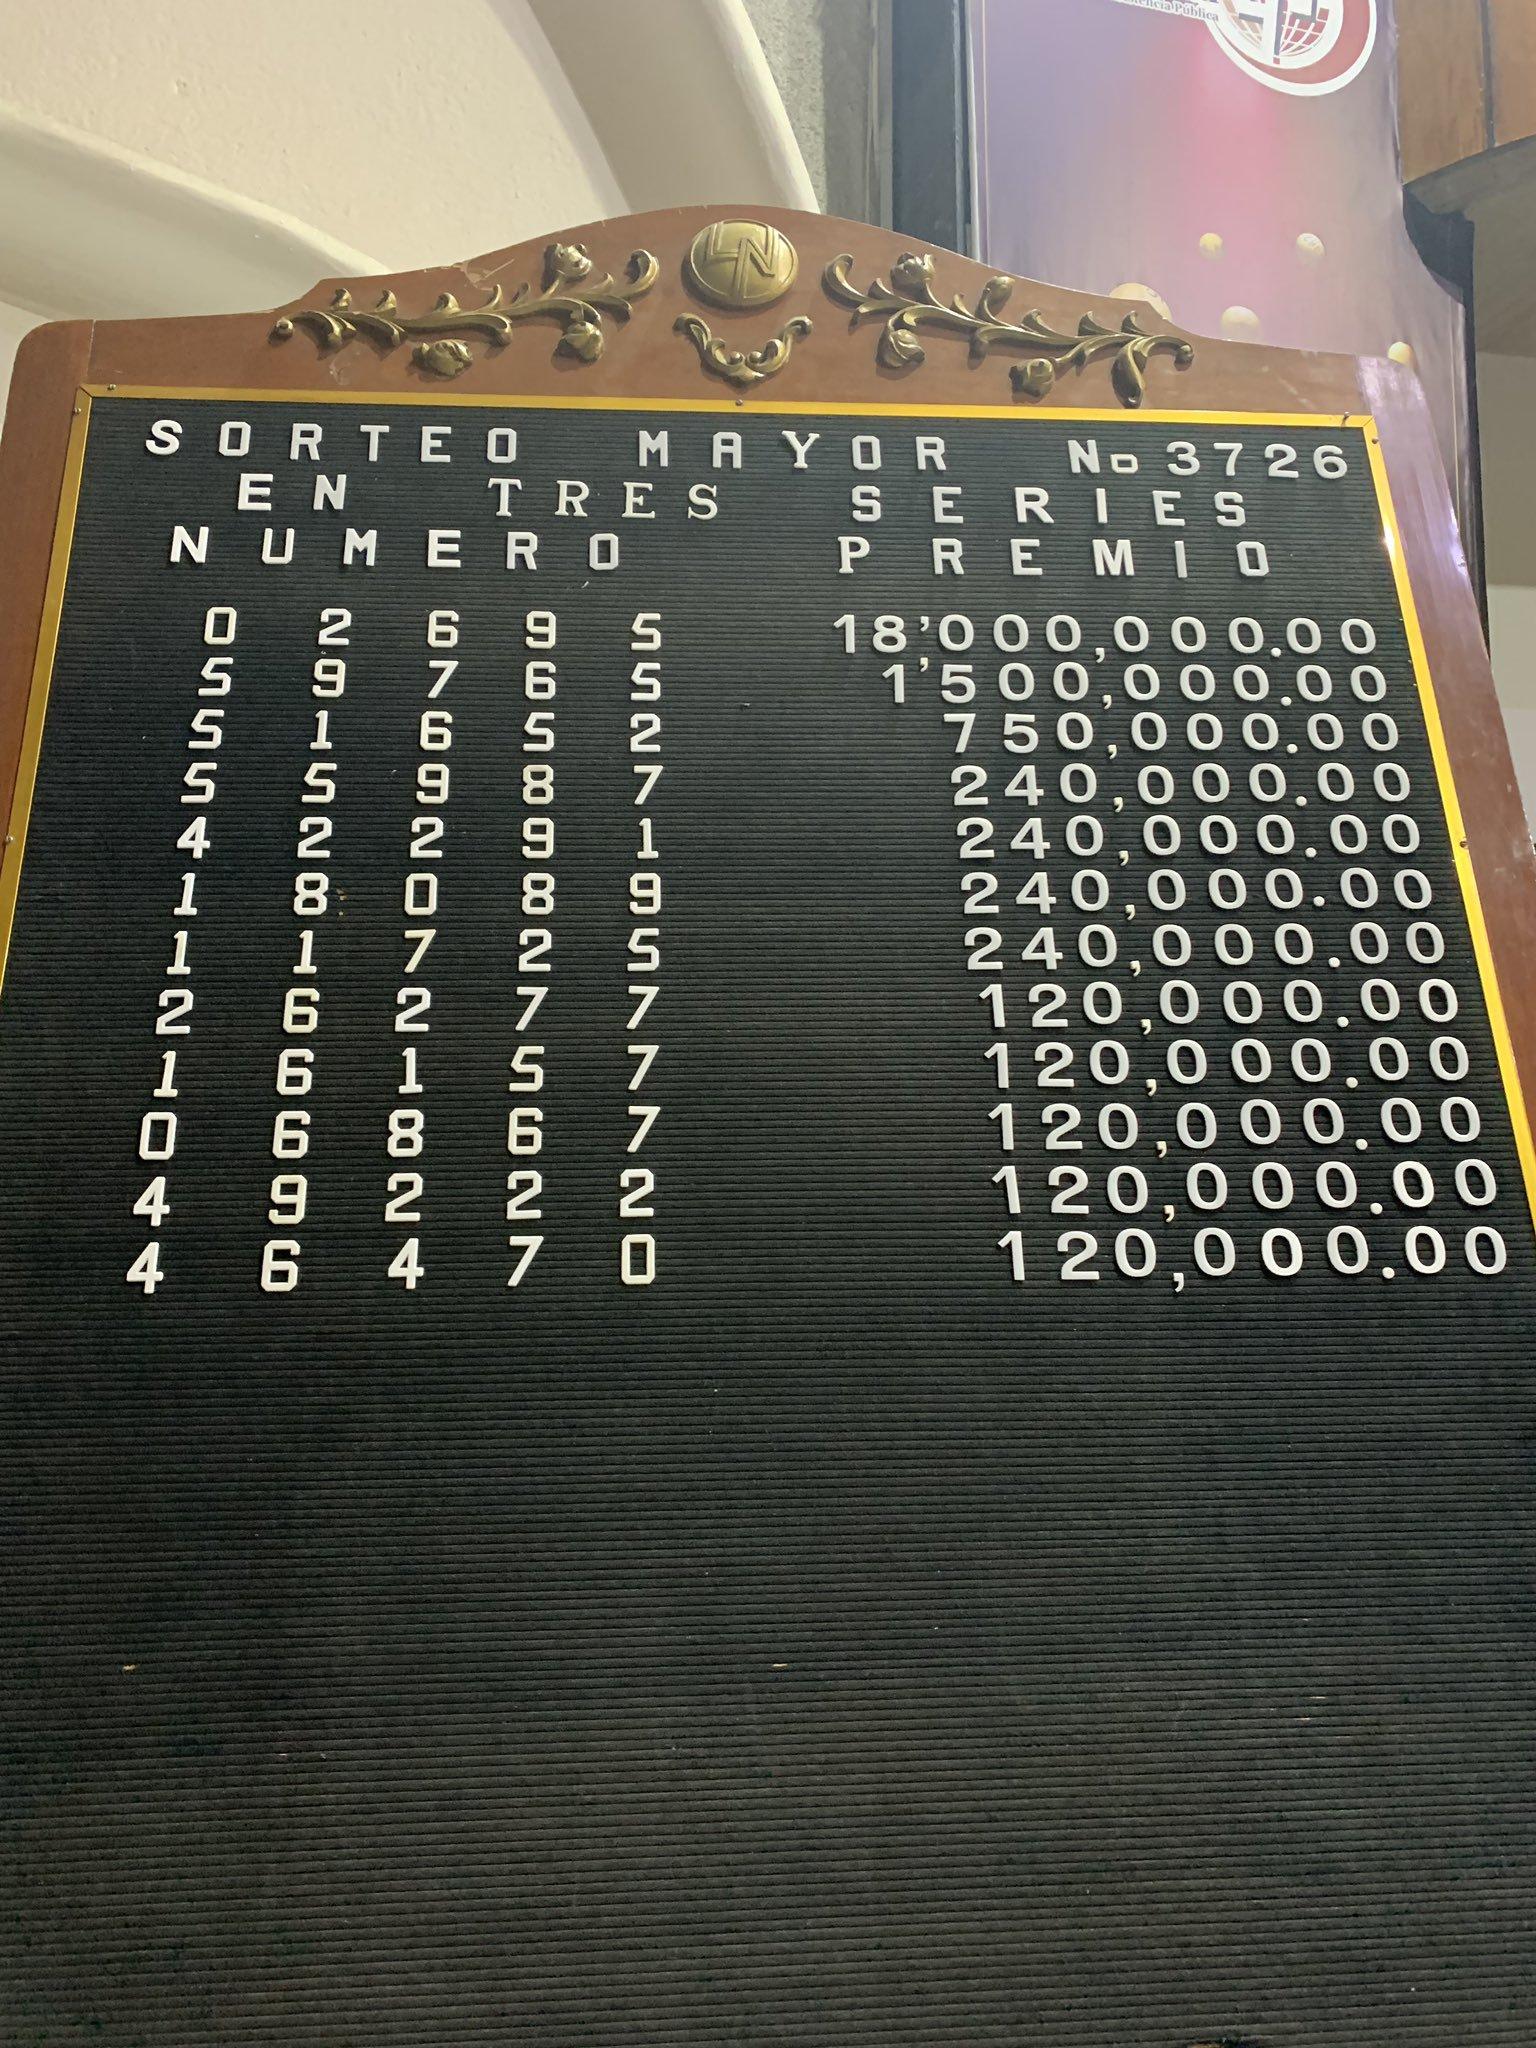 Resultados sorteo mayor 3726